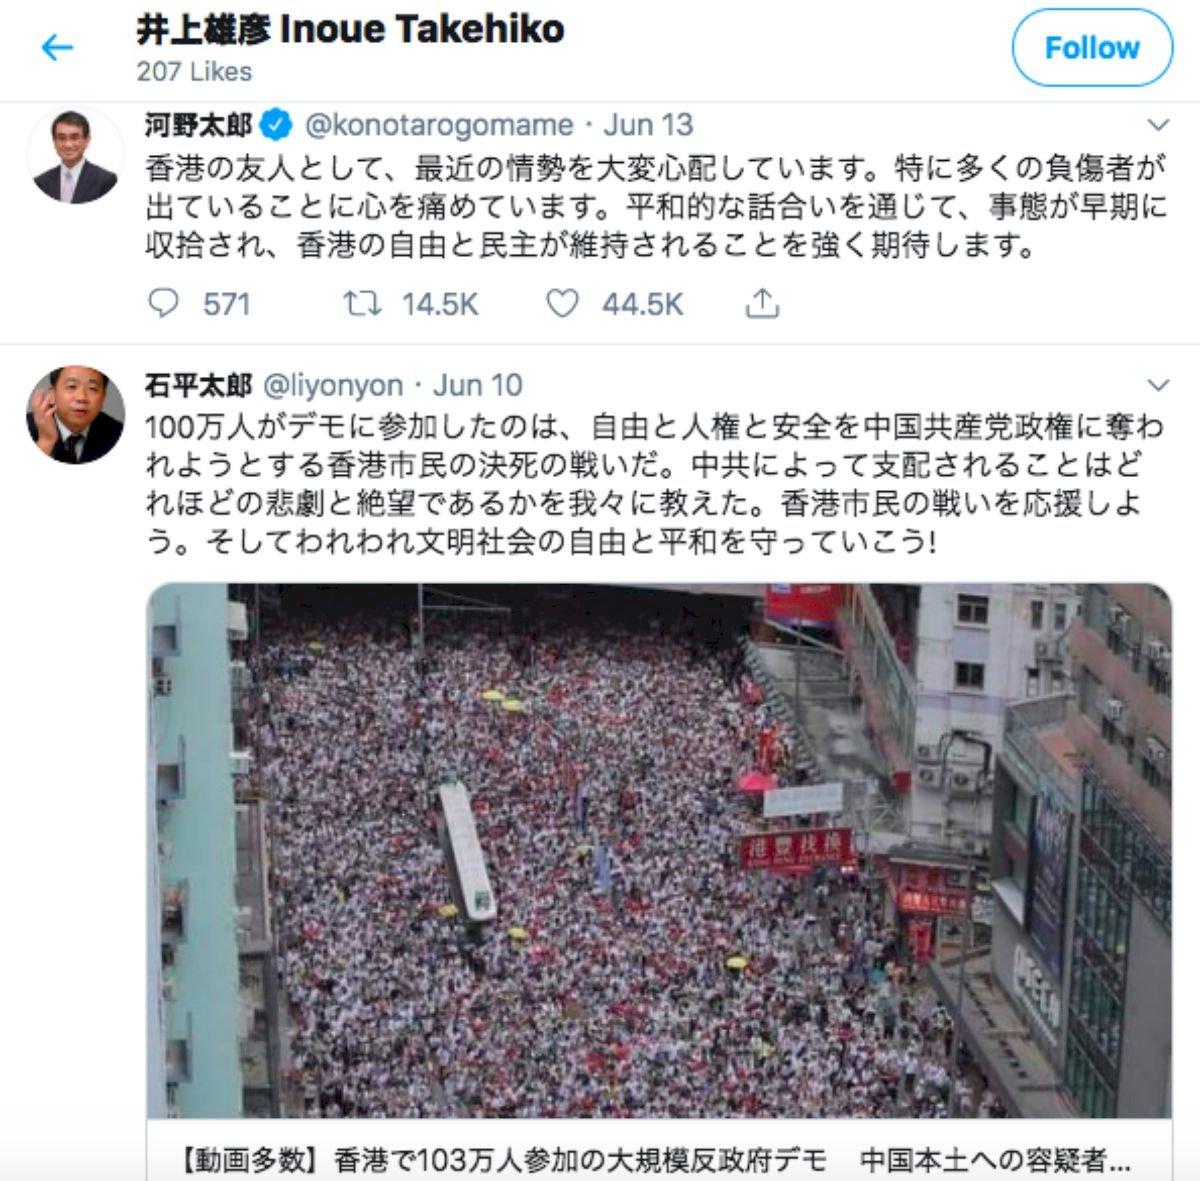 《灌籃高手》作者挺港獨?中國網民翻舊帳揚言杯葛